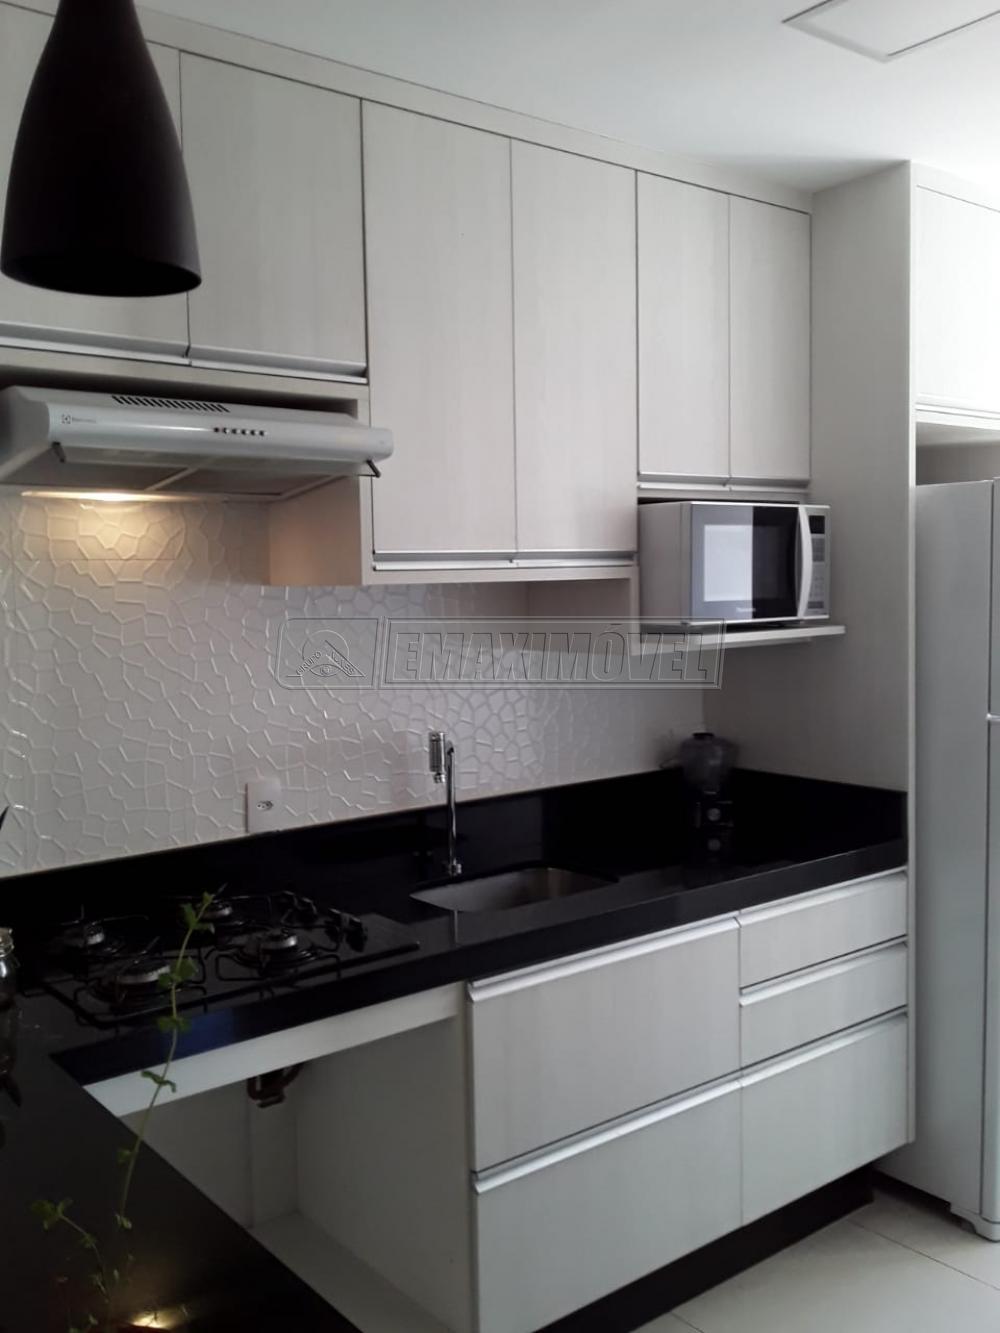 Comprar Apartamento / Padrão em Sorocaba R$ 270.000,00 - Foto 28